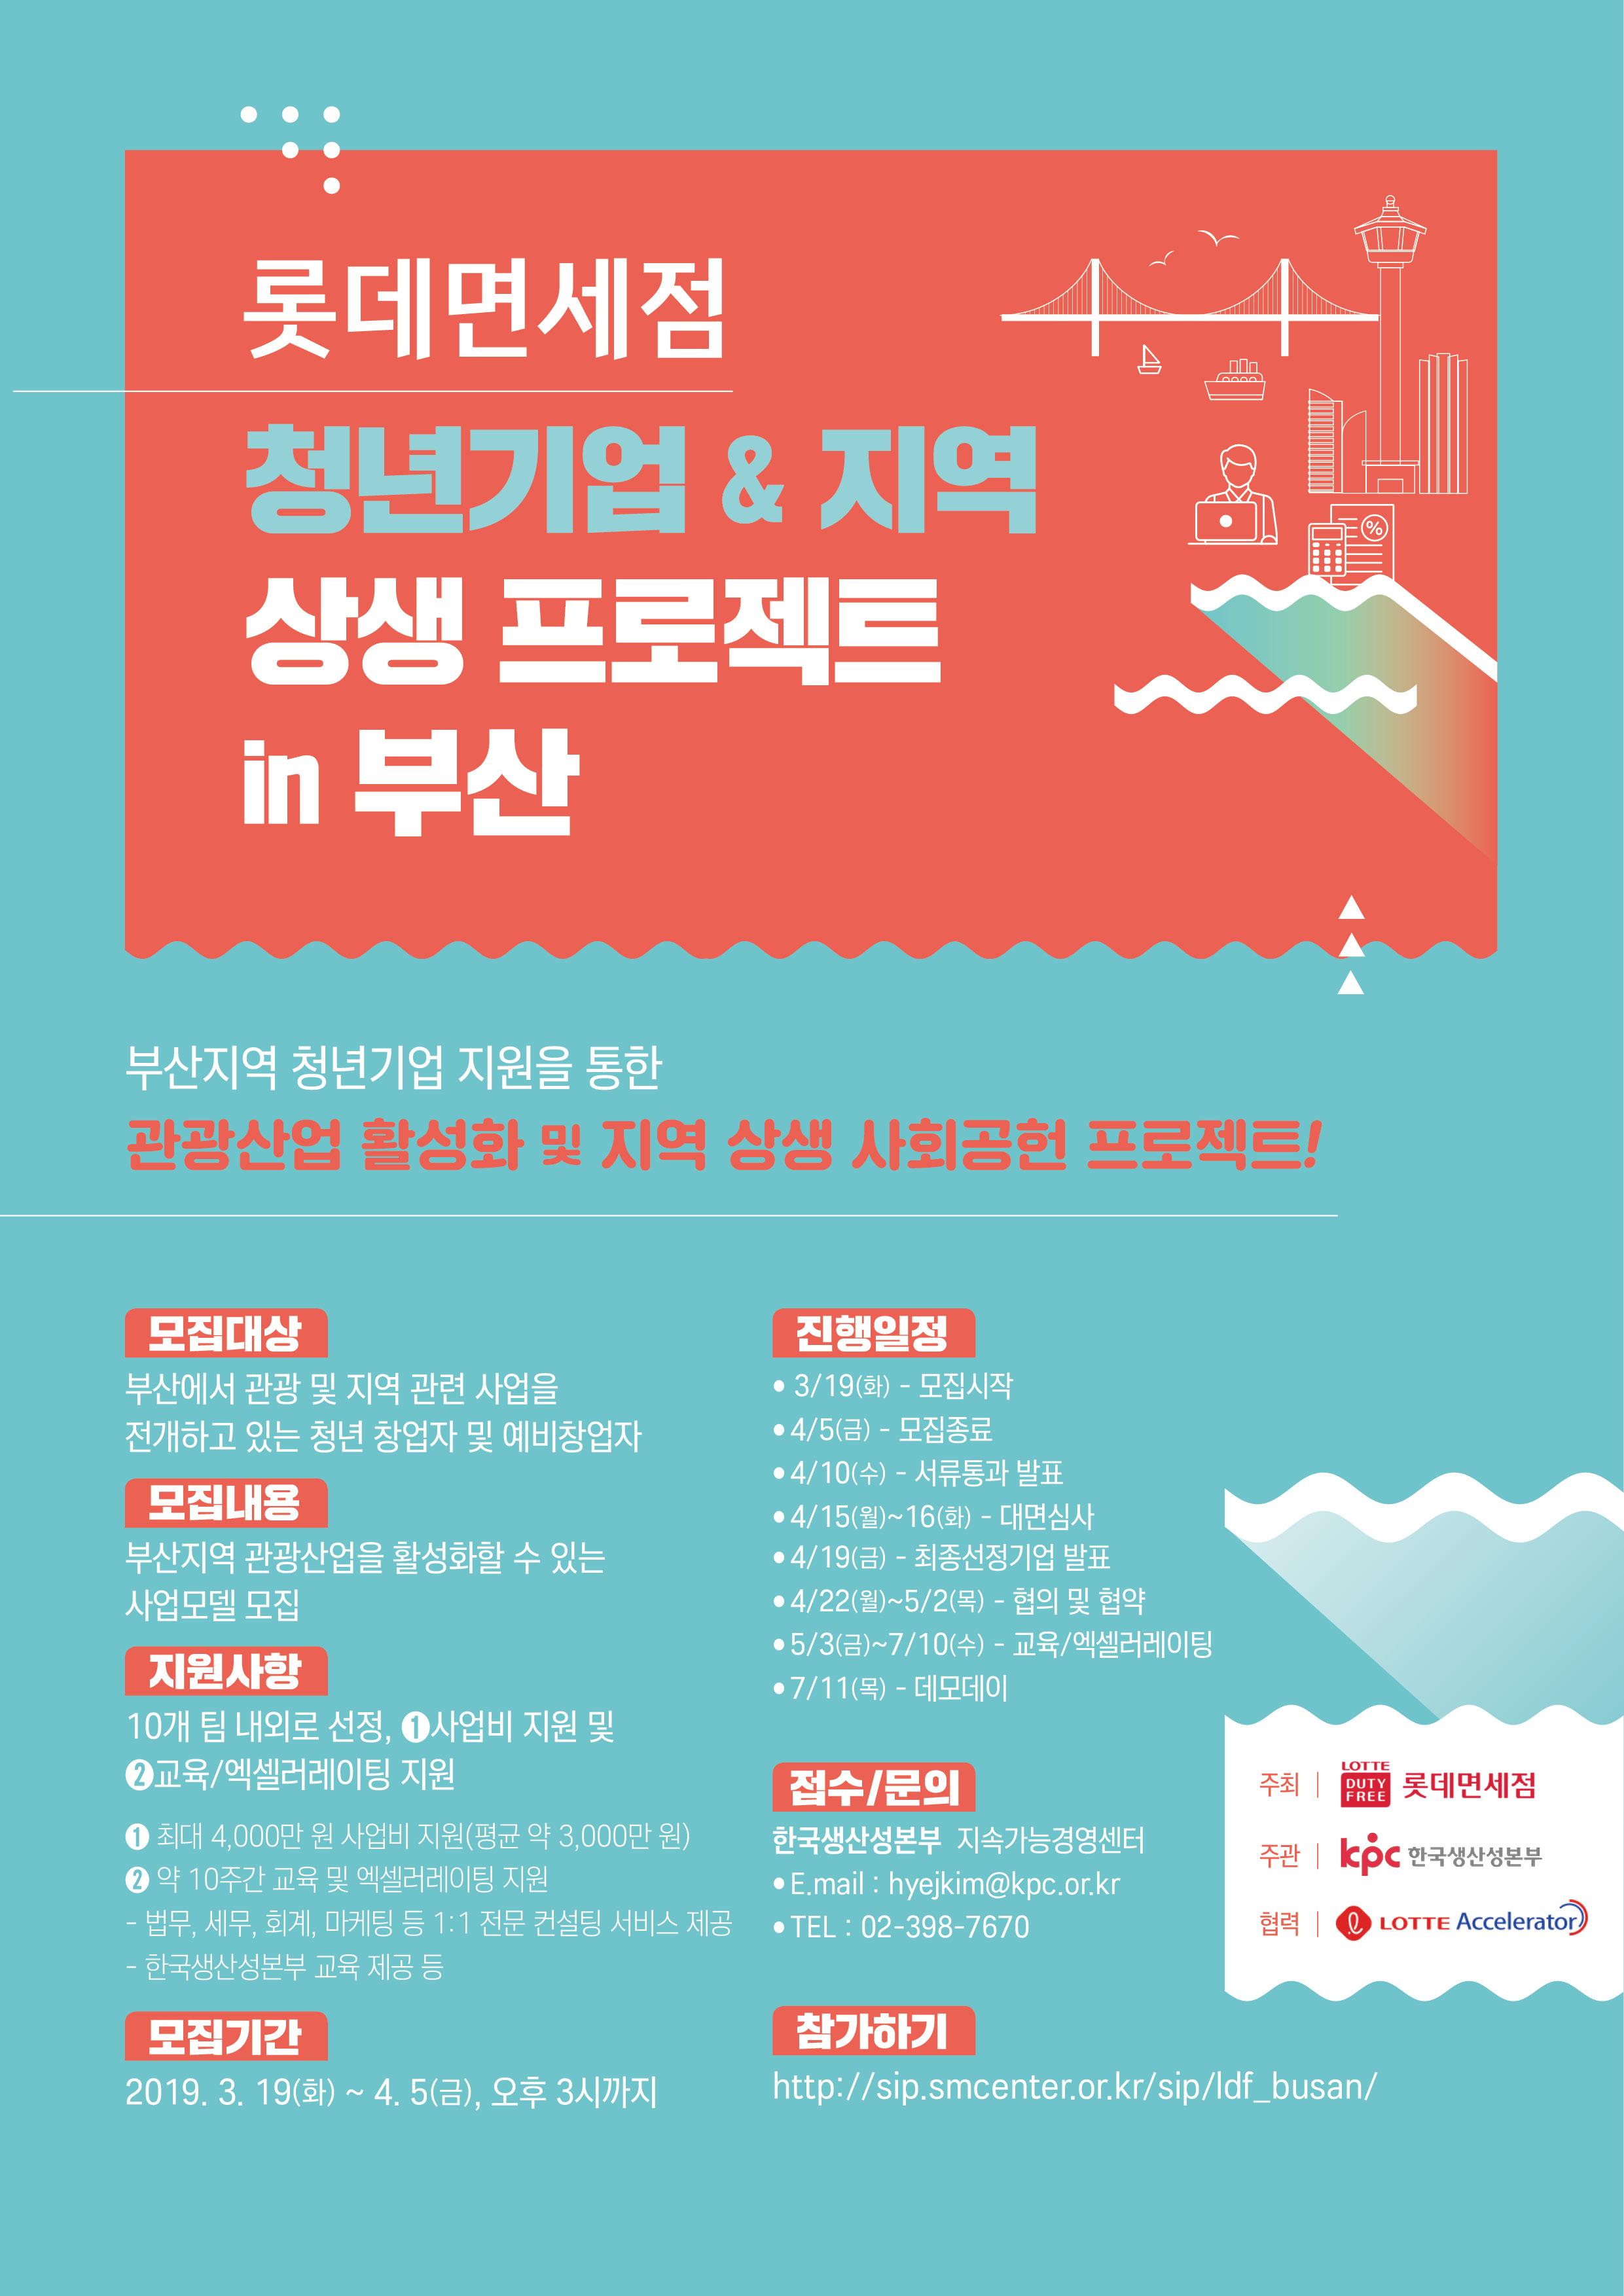 """롯데면세점 """"청년기업 & 지역"""" 상생 프로젝트 in 부산"""